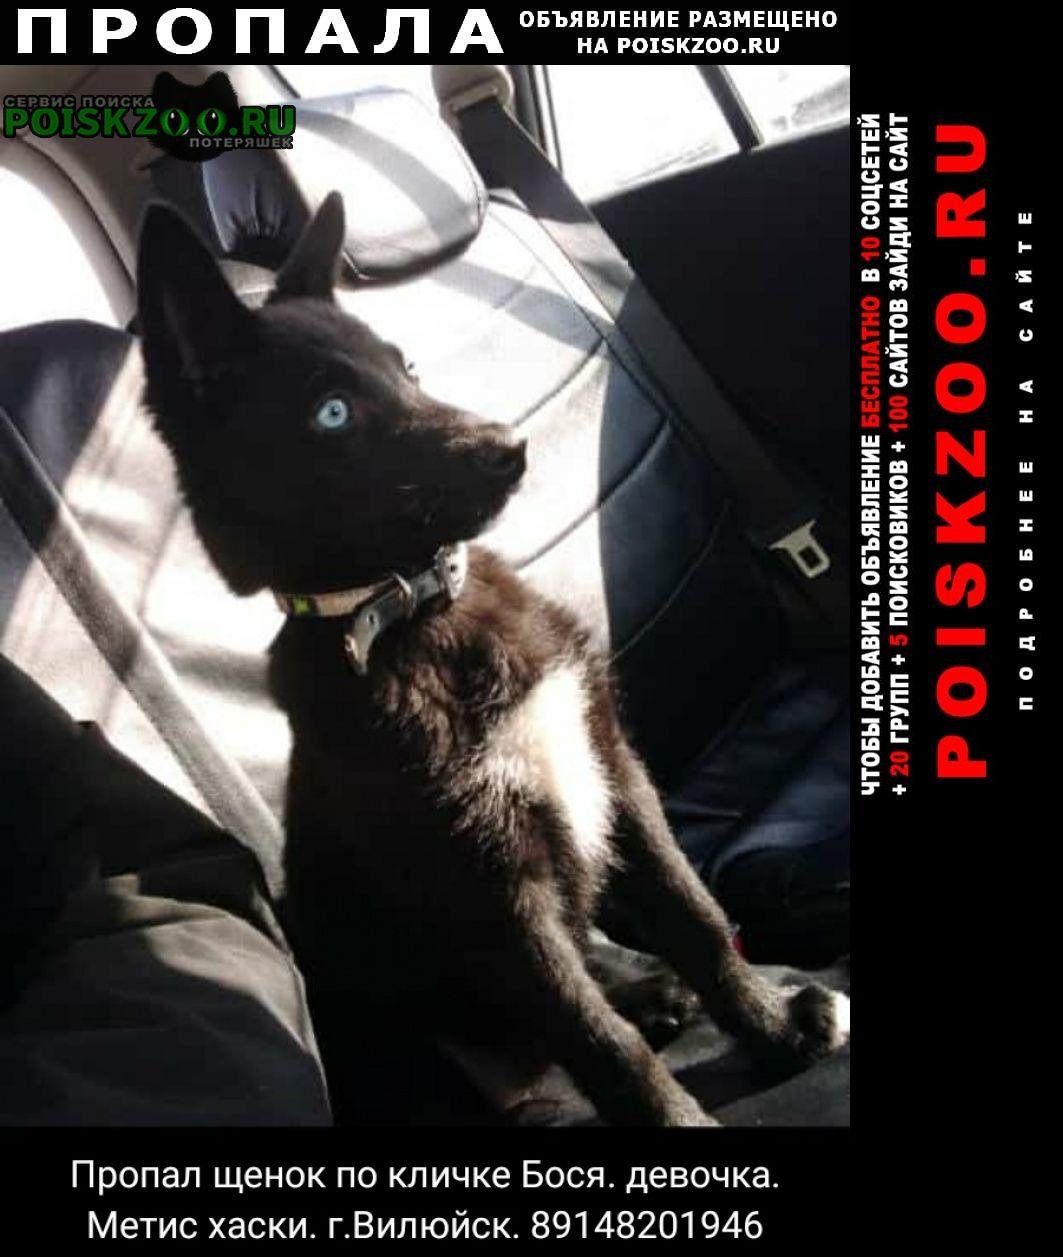 Пропала собака девочка бося Вилюйск